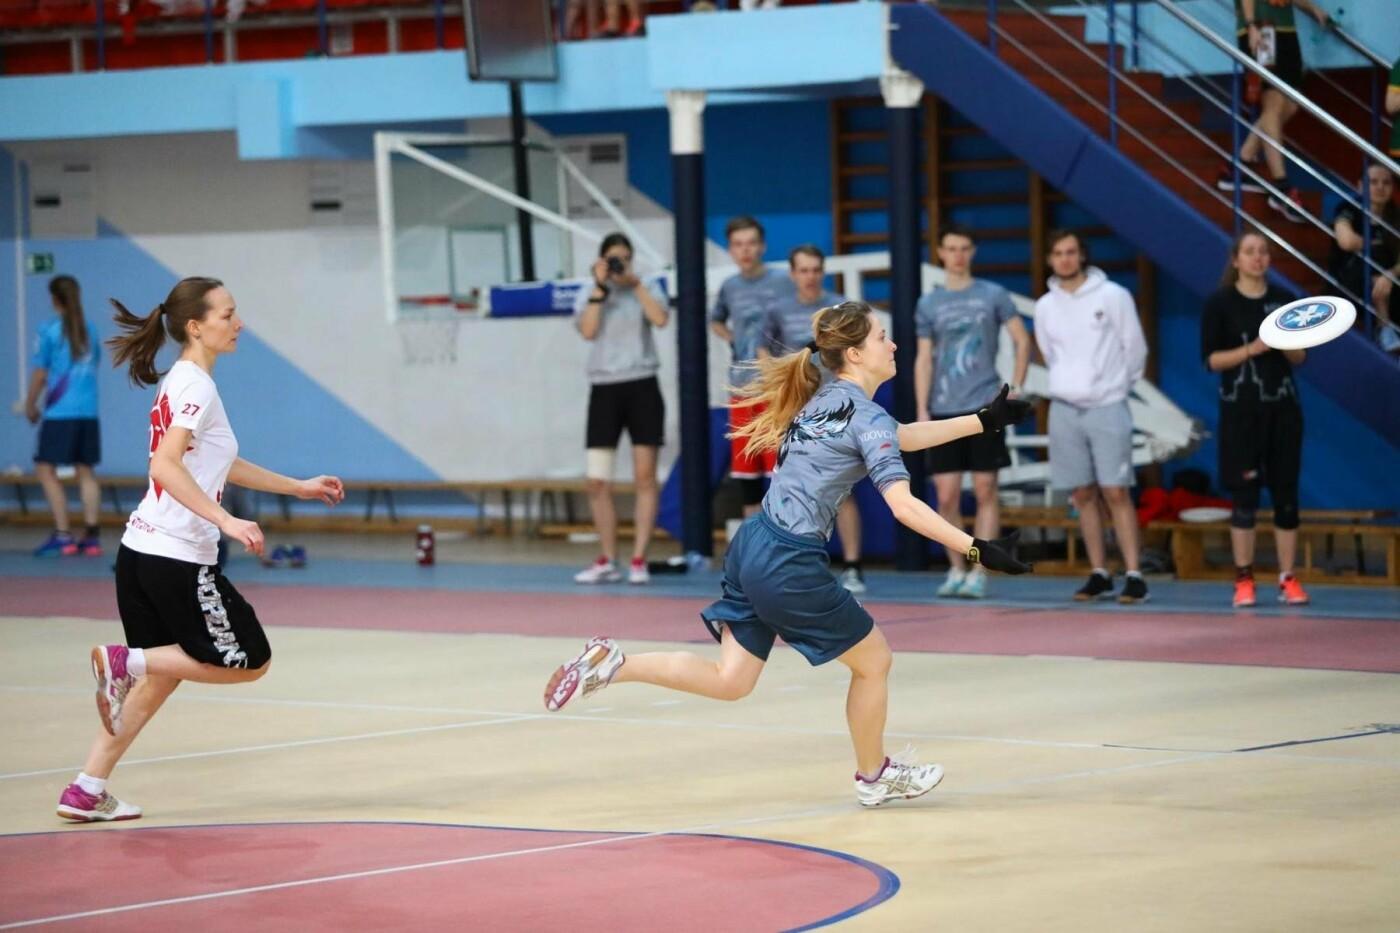 В Белгороде пройдёт всероссийский студенческий турнир по алтимат фрисби , фото-1